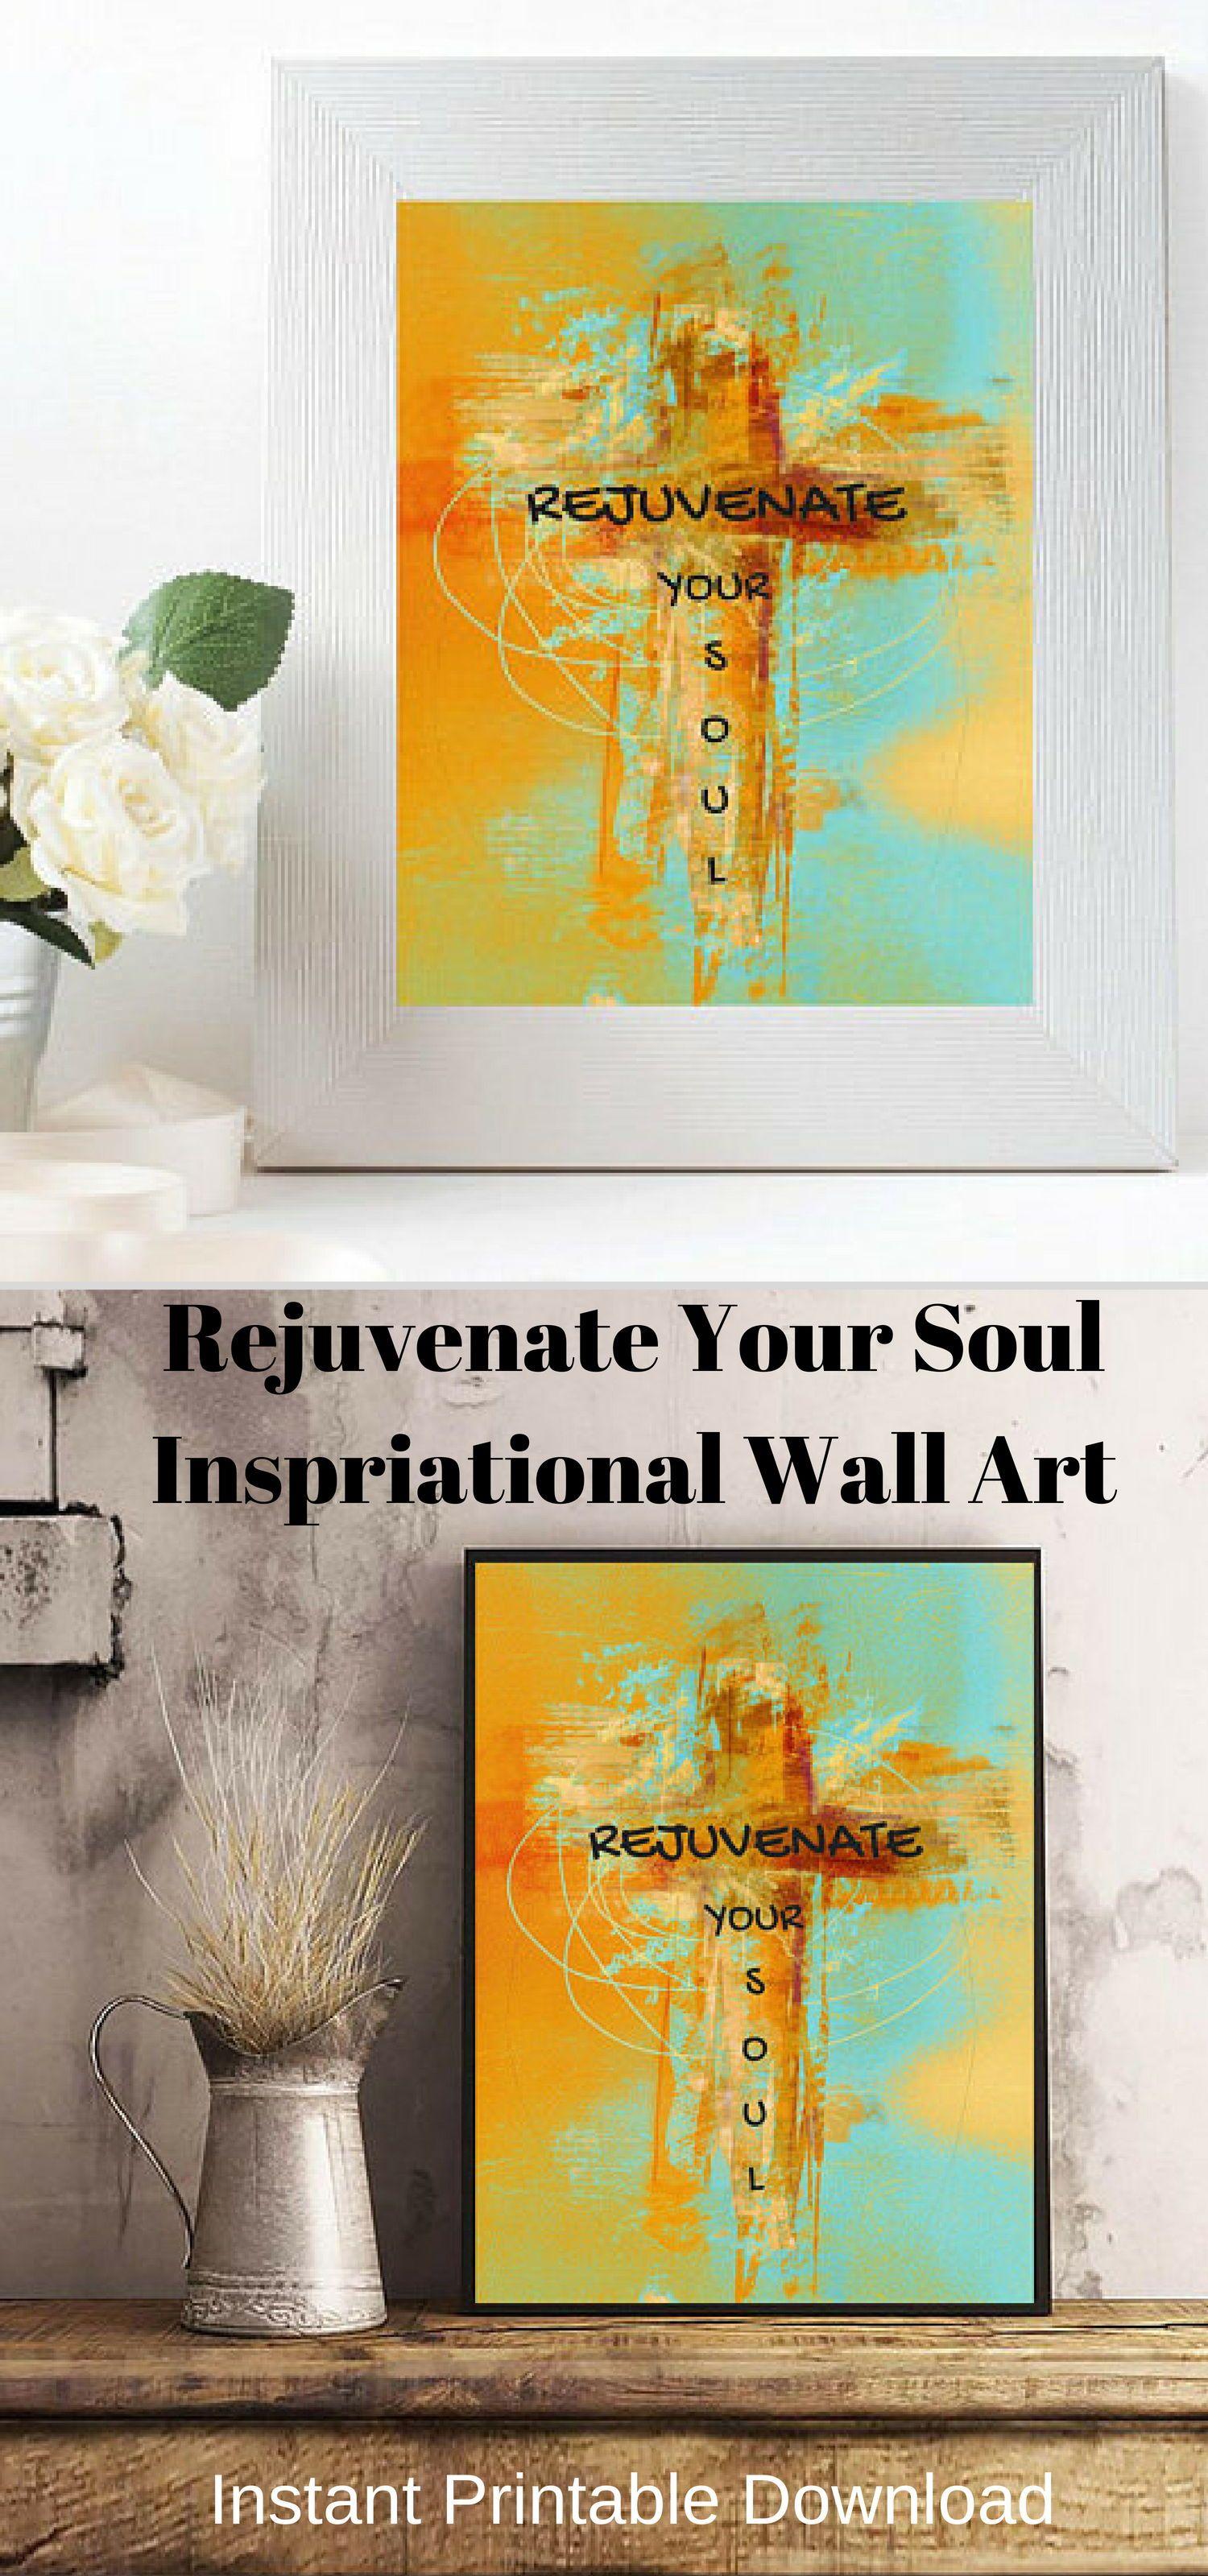 Rejuvenate Your Soul Wall Art, Rejuvenate, Spiritual, Love, Cross ...